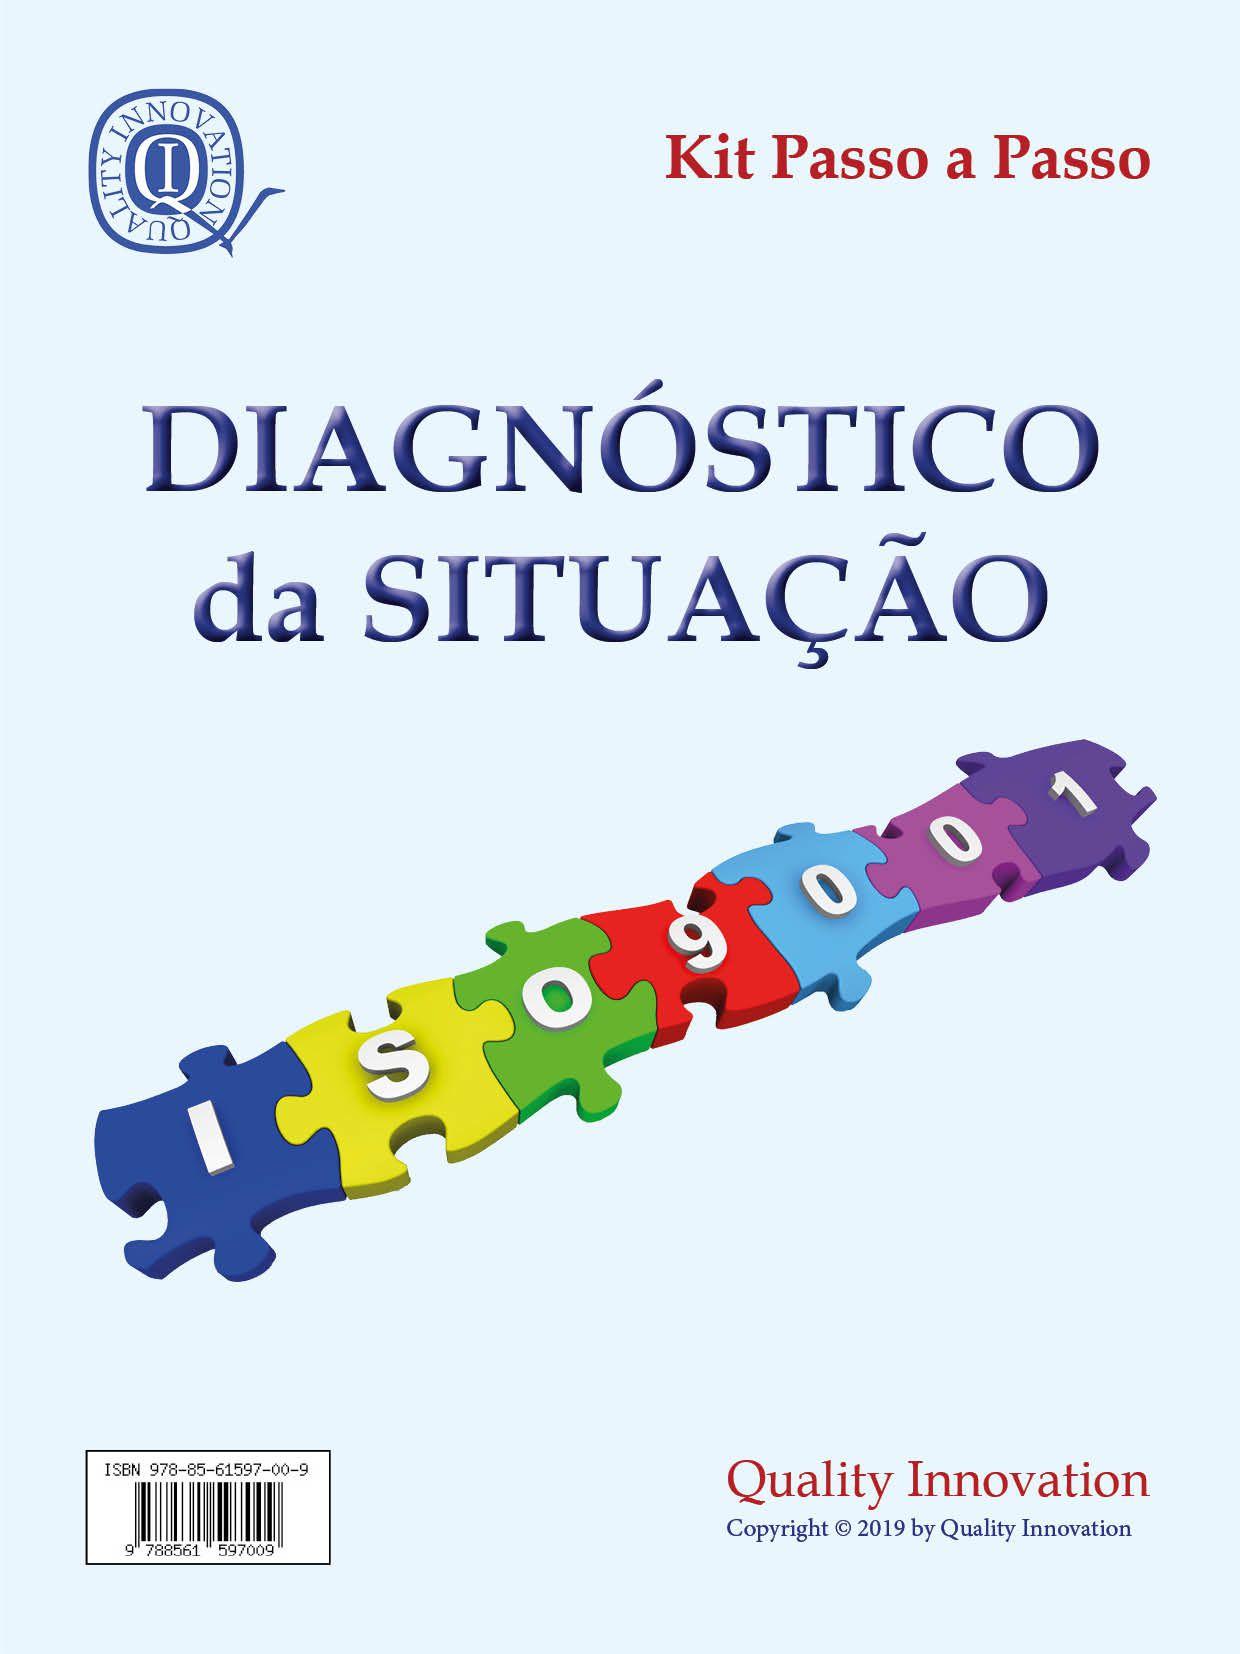 Diagnóstico da Situação de um SGQ – ISO 9001  - www.qualistore.net.br